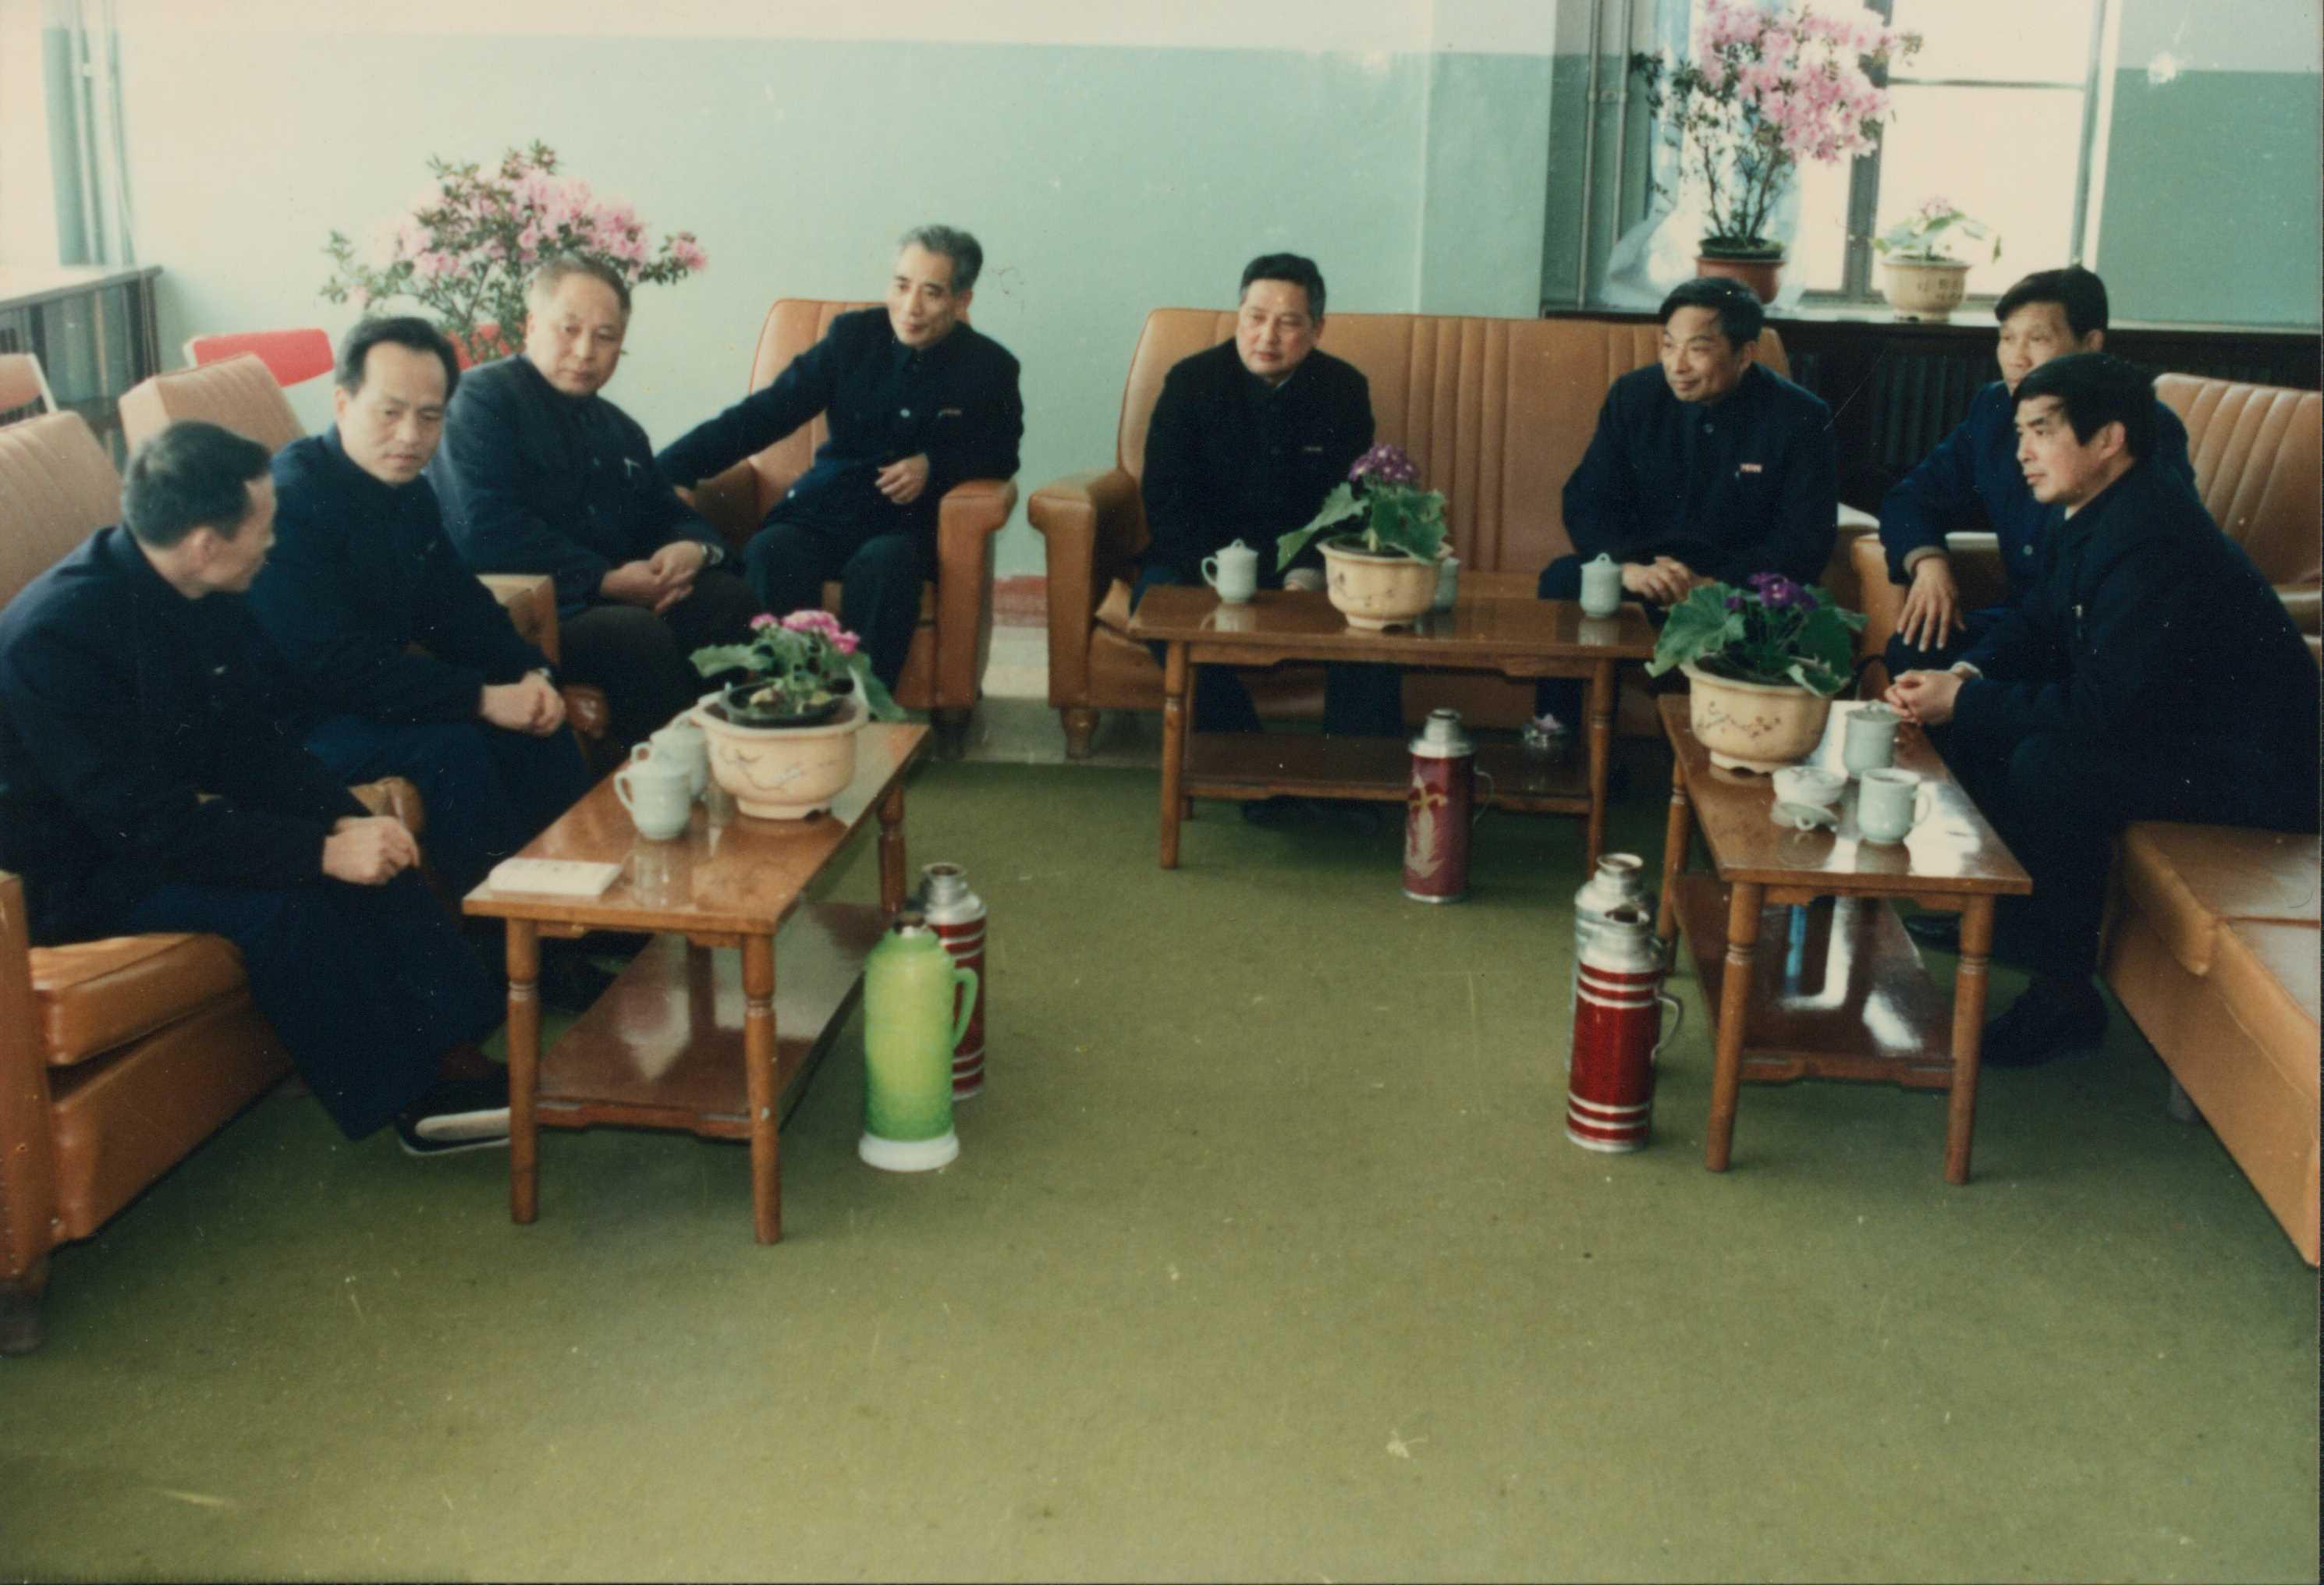 郭骅和秦长安等领导会议15